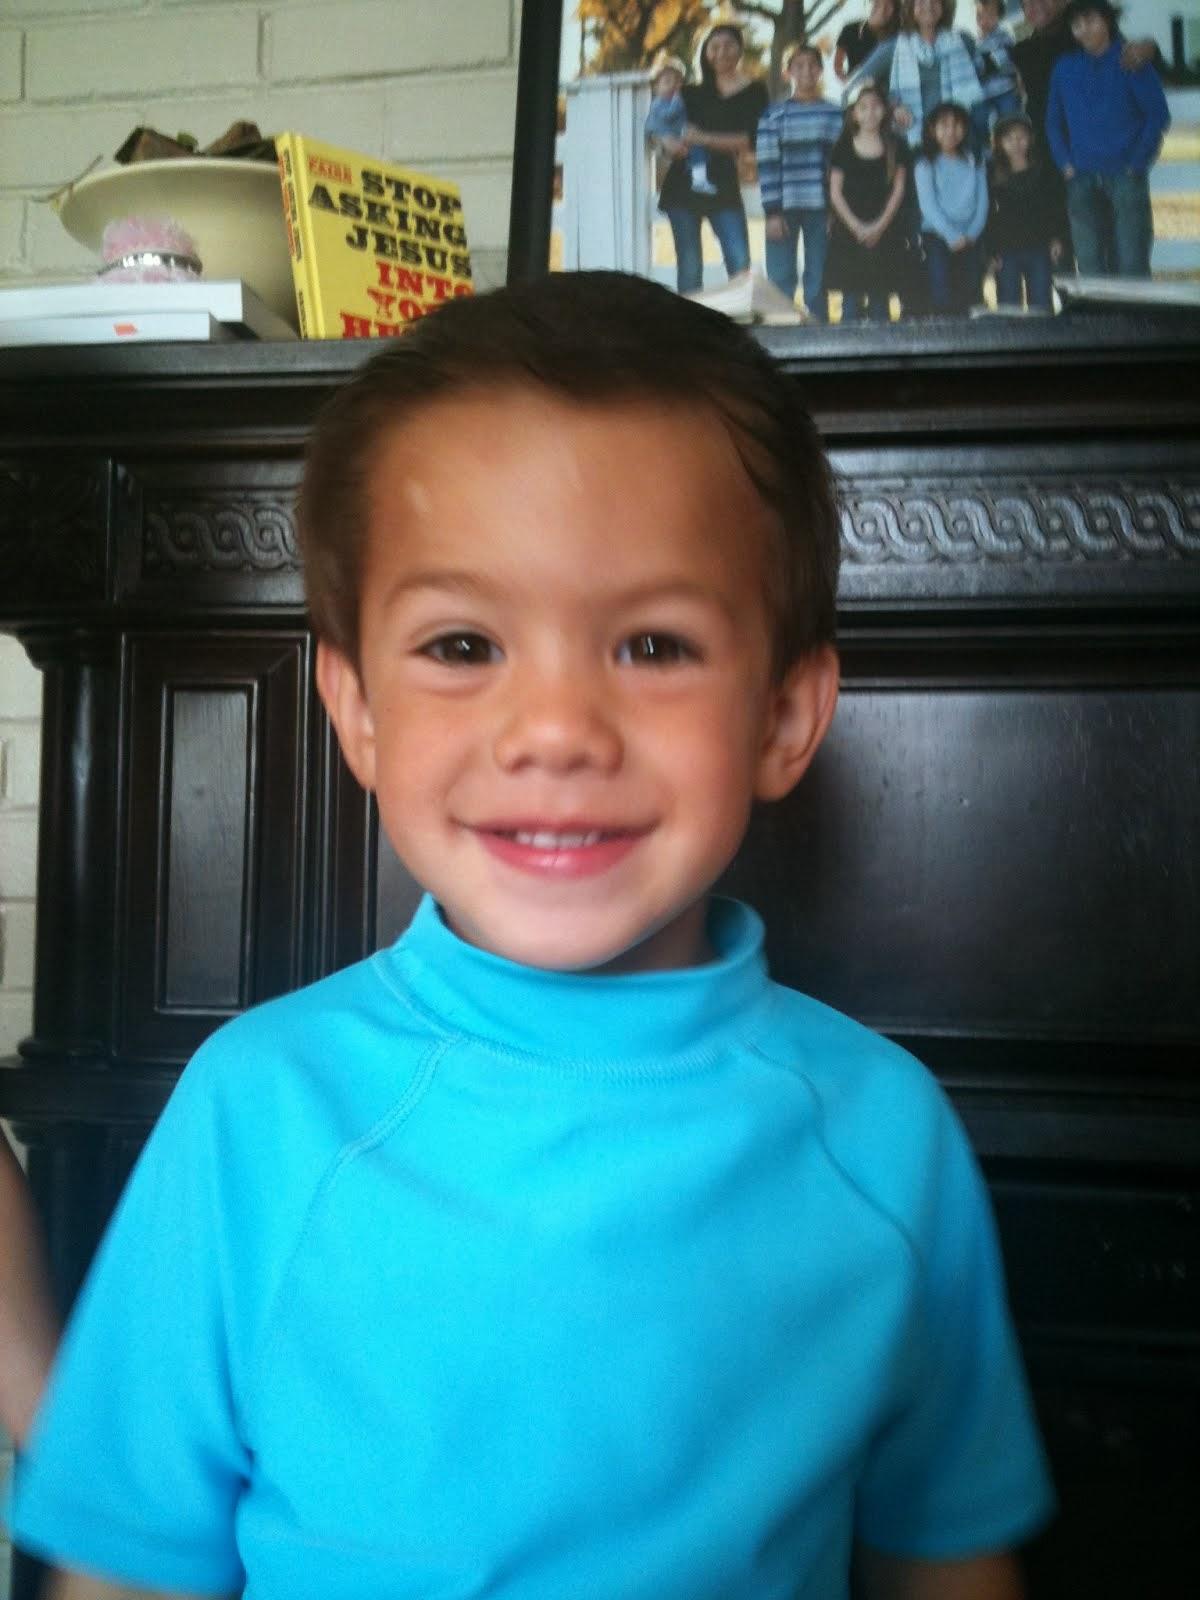 Joseph Daniel, age 3